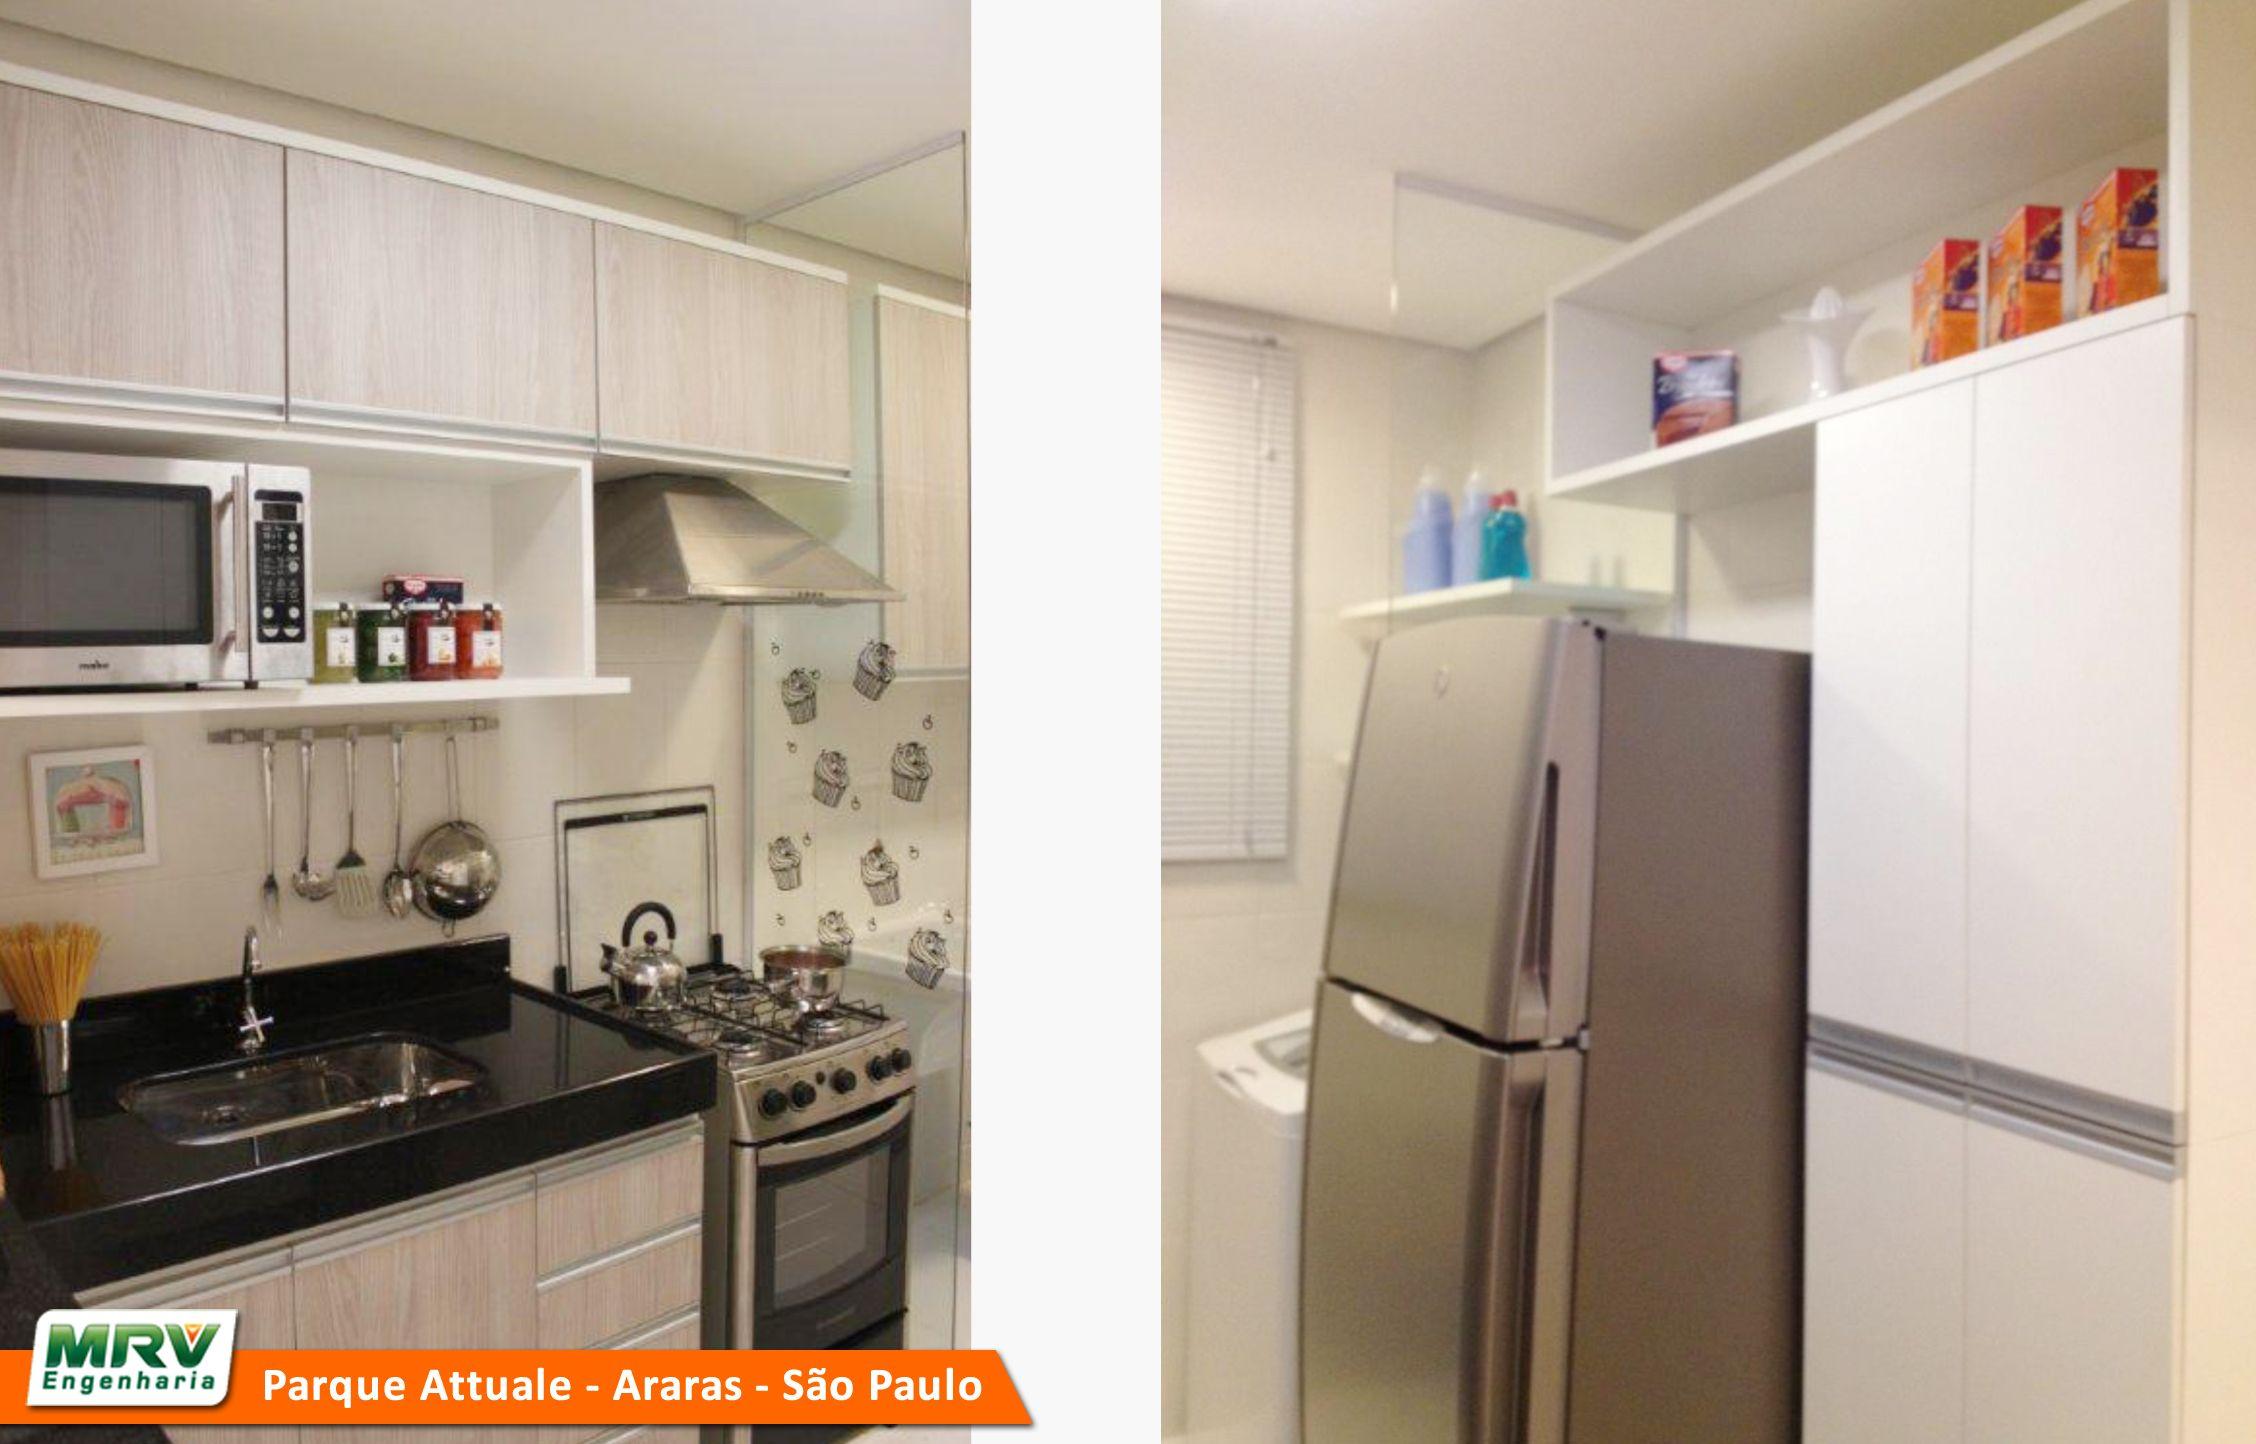 Apartamento Decorado 2 Quartos Do Parque Attualle No Bairro Jardim